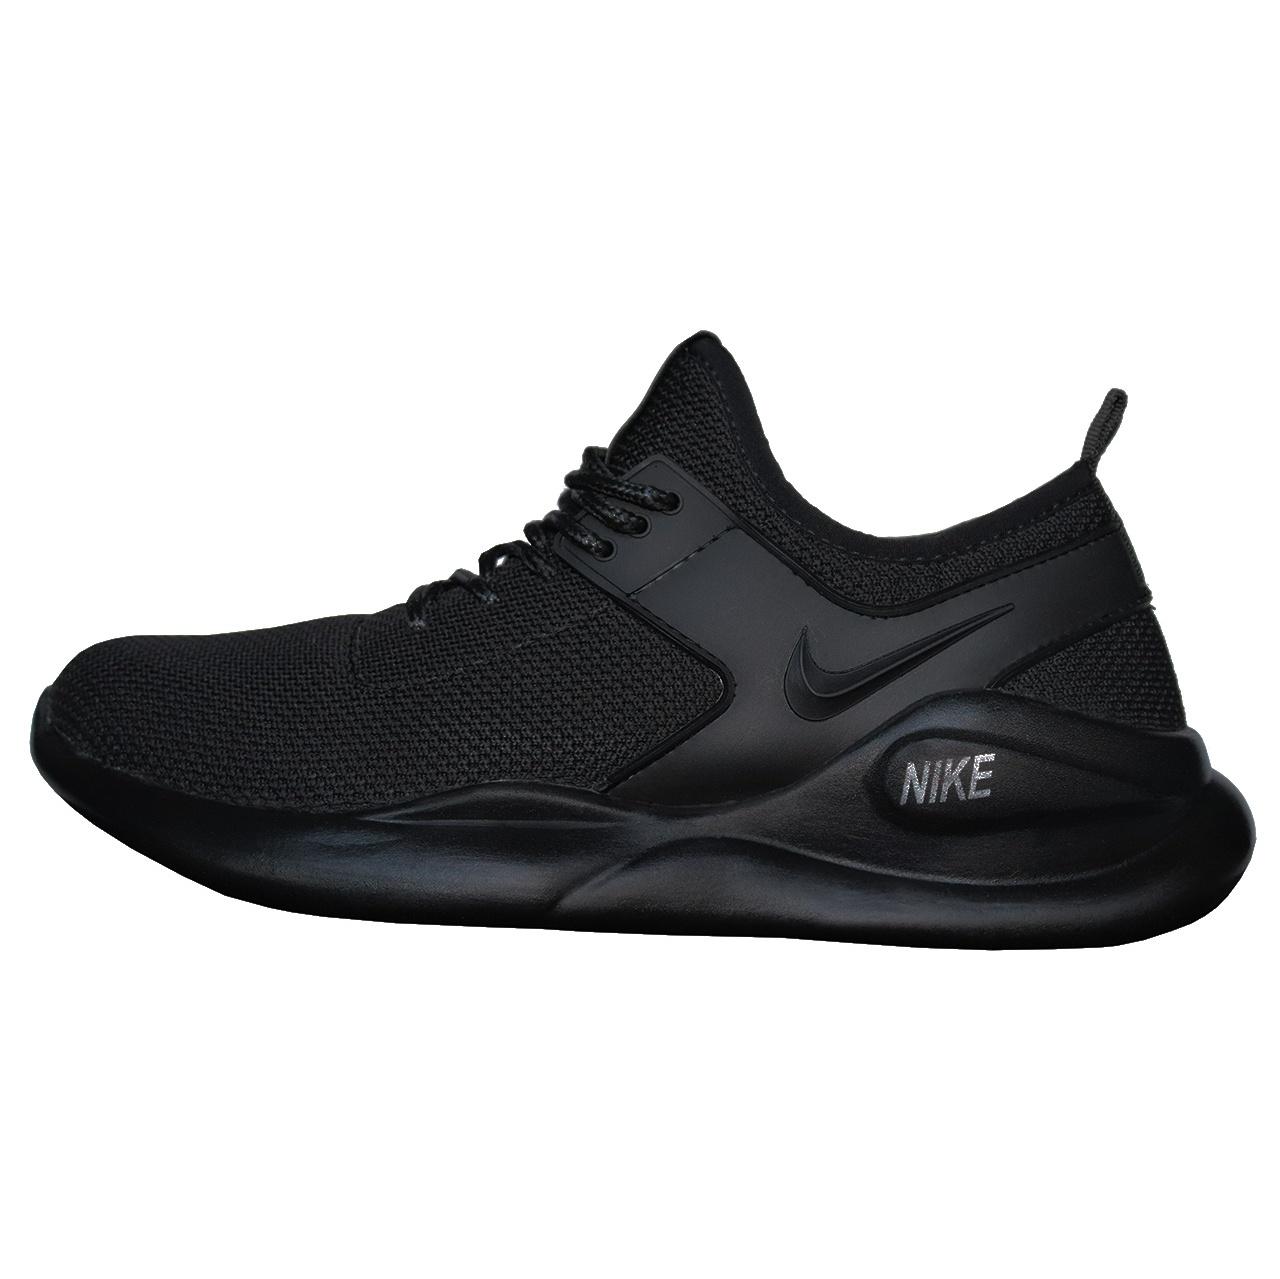 کفش مخصوص پیاده روی مردانه کد ۴۵۴۵